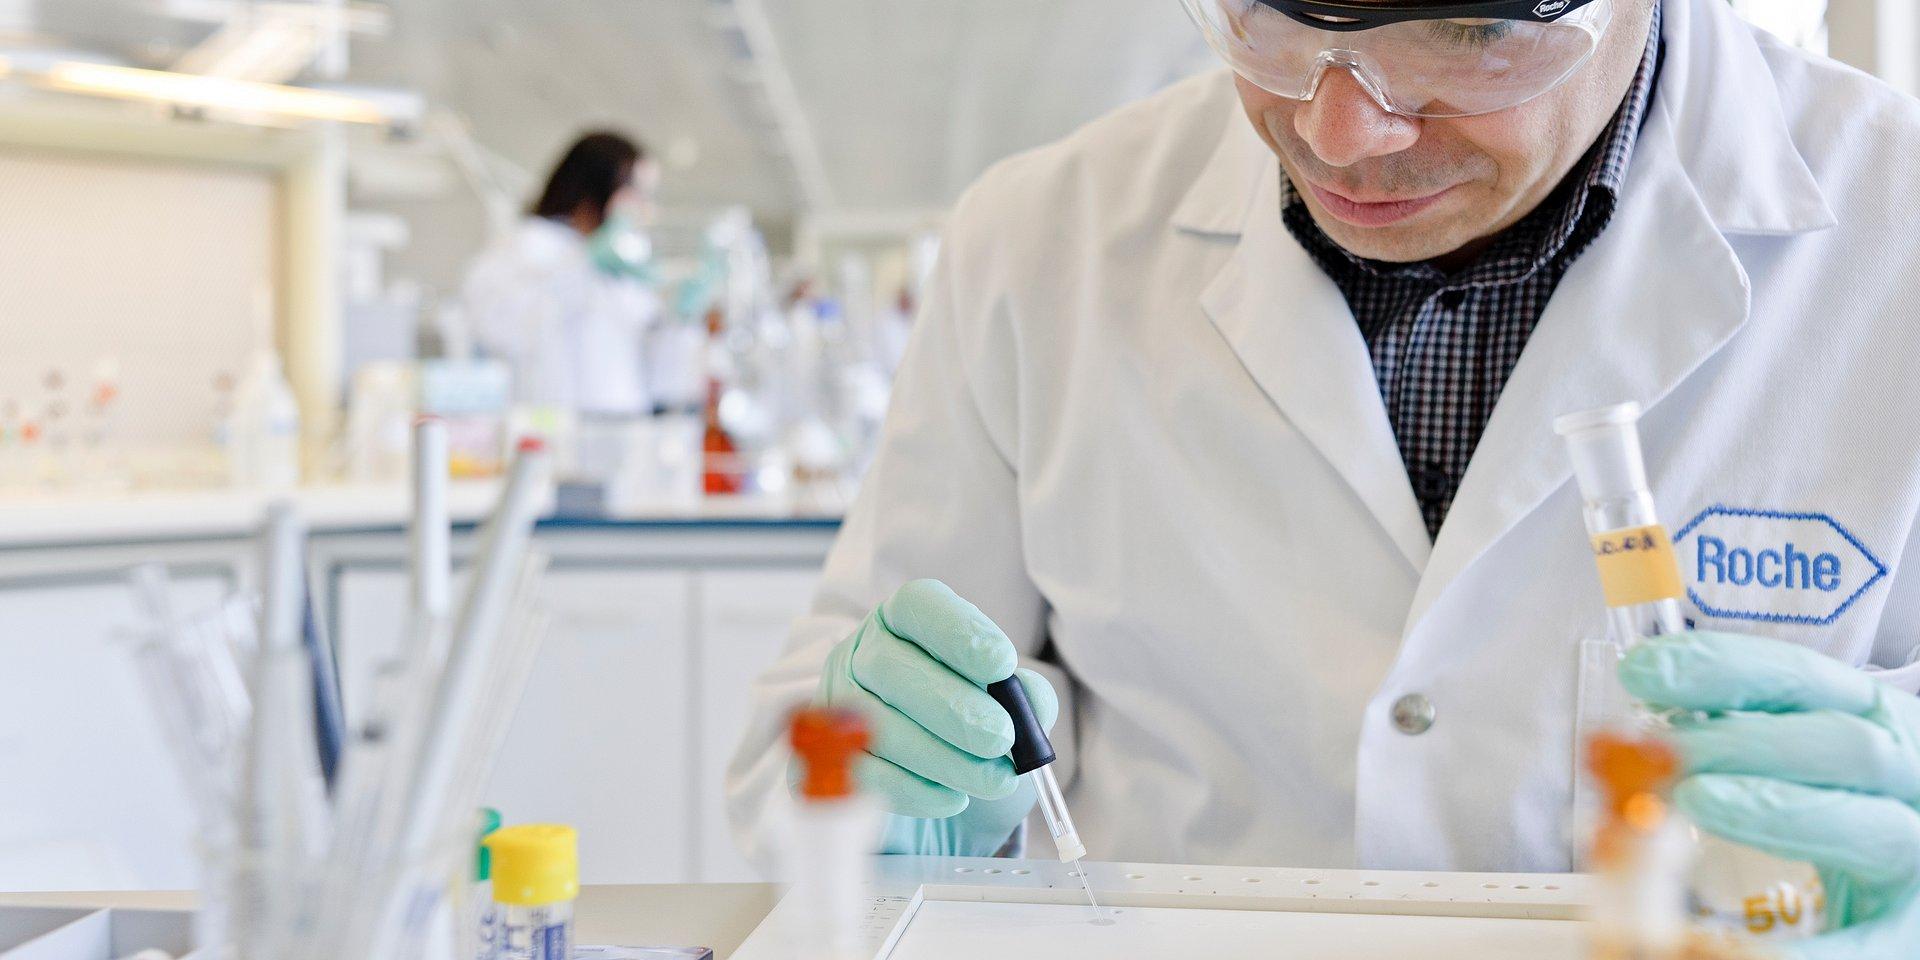 Komisja Europejska dopuściła emicizumab do stosowania w UE